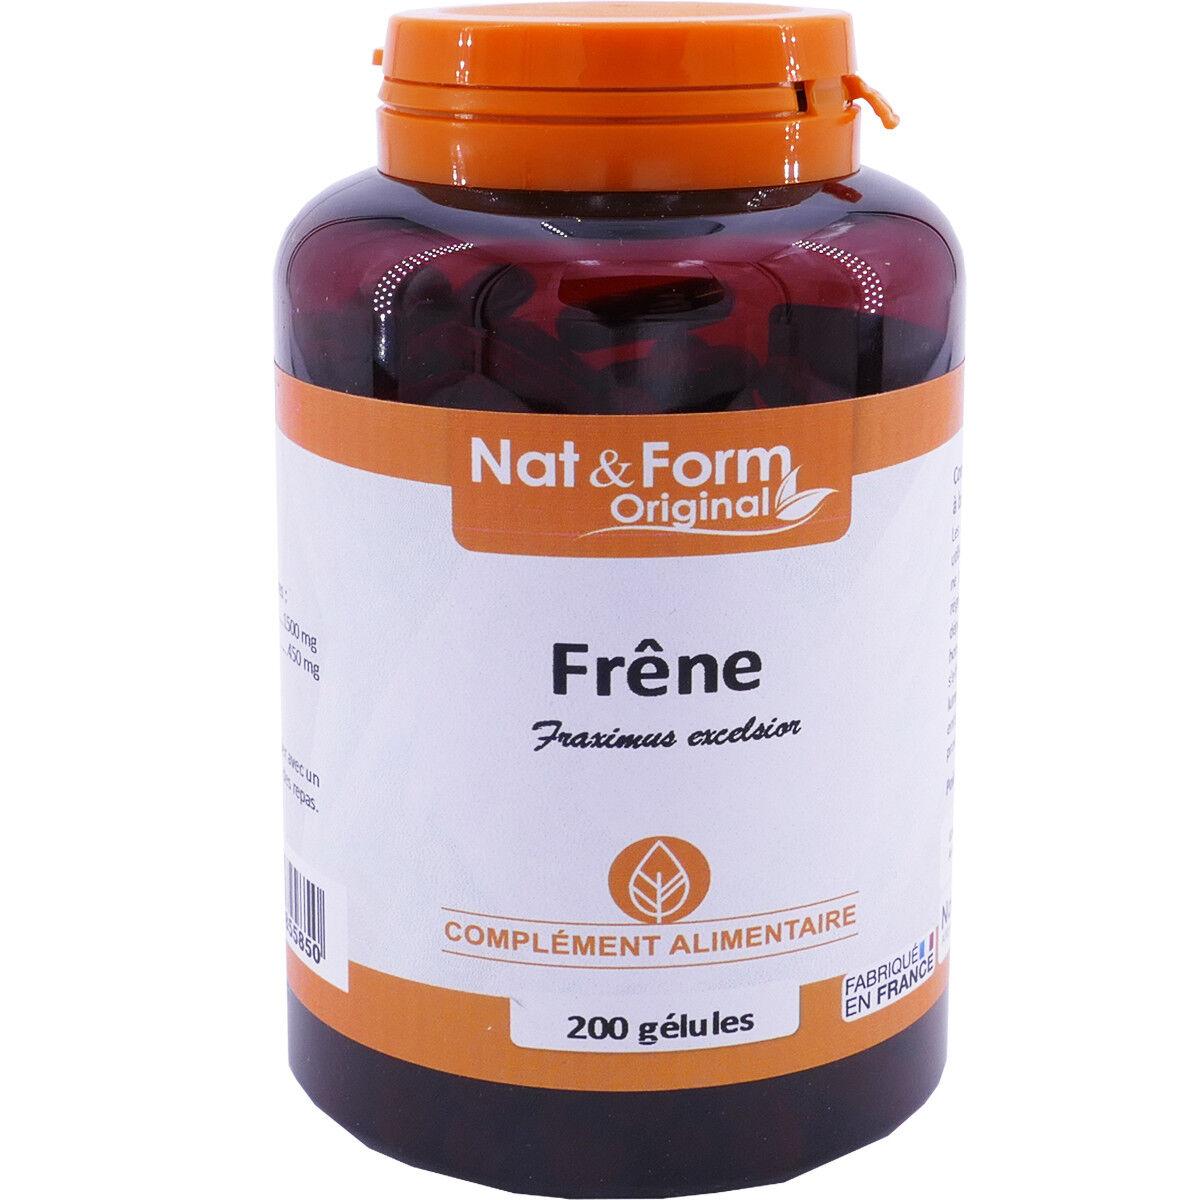 Nat & form frÊne 200 gÉlules